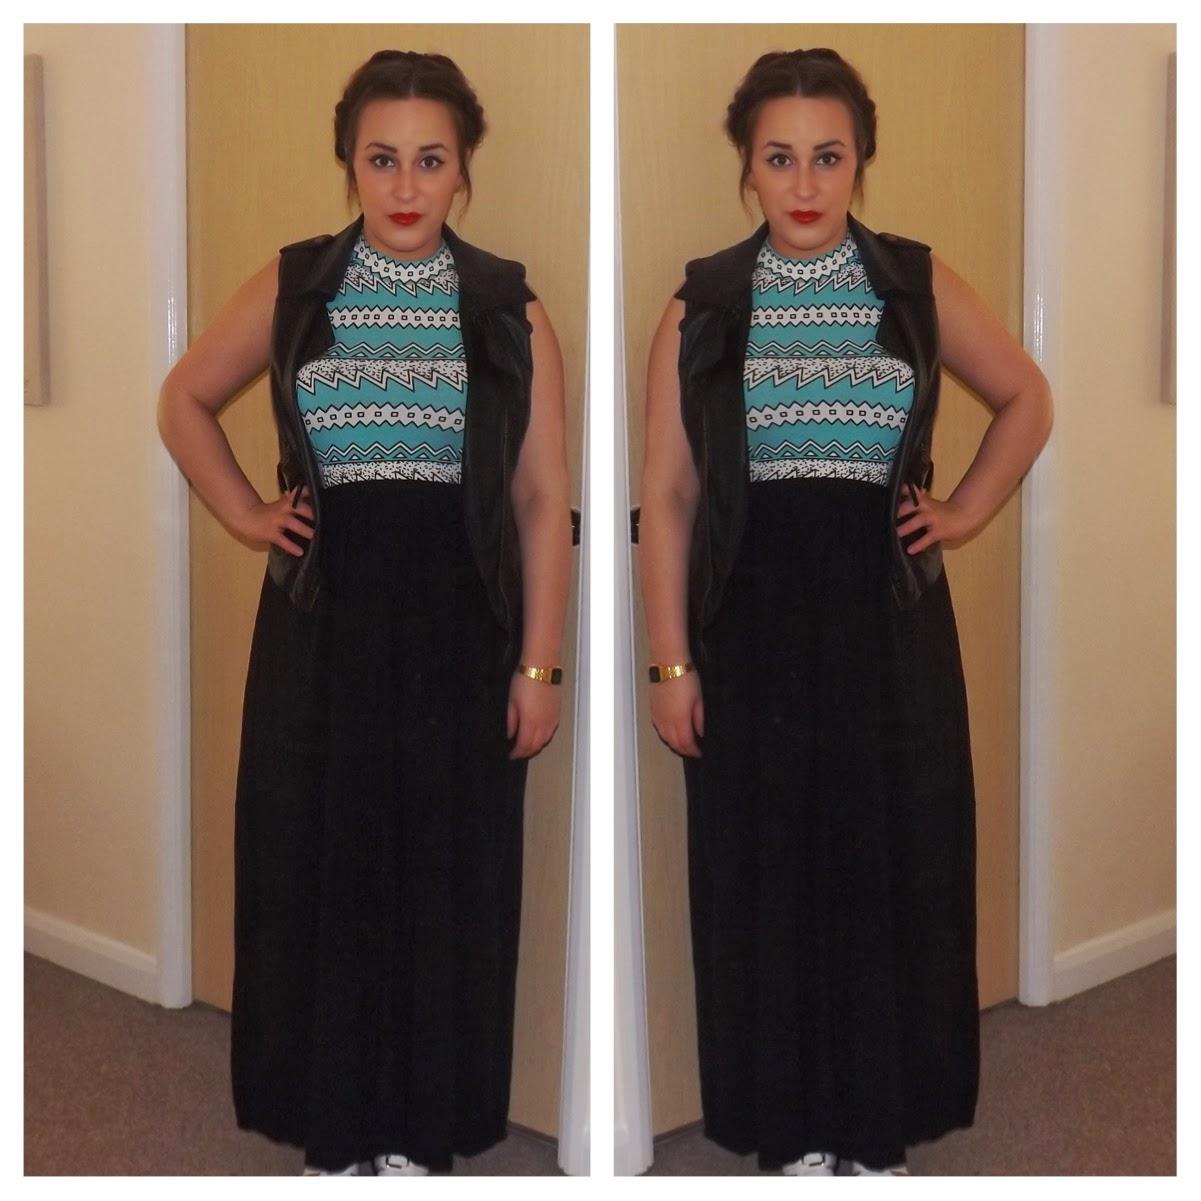 OOTD maxi skirt